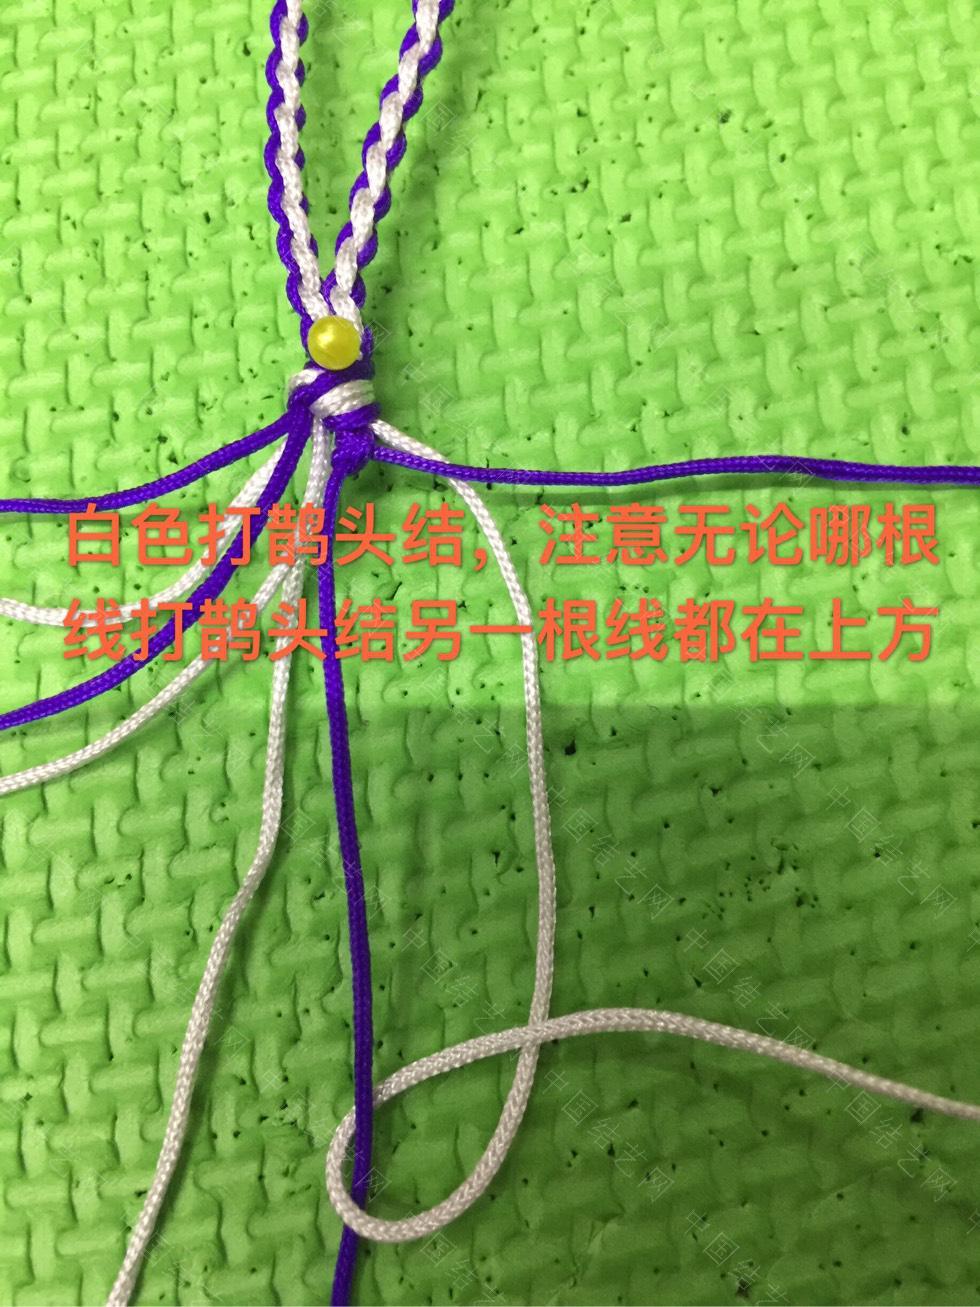 中国结论坛 蝴蝶挂件  图文教程区 170516obe3mb1gf6f5ajsc